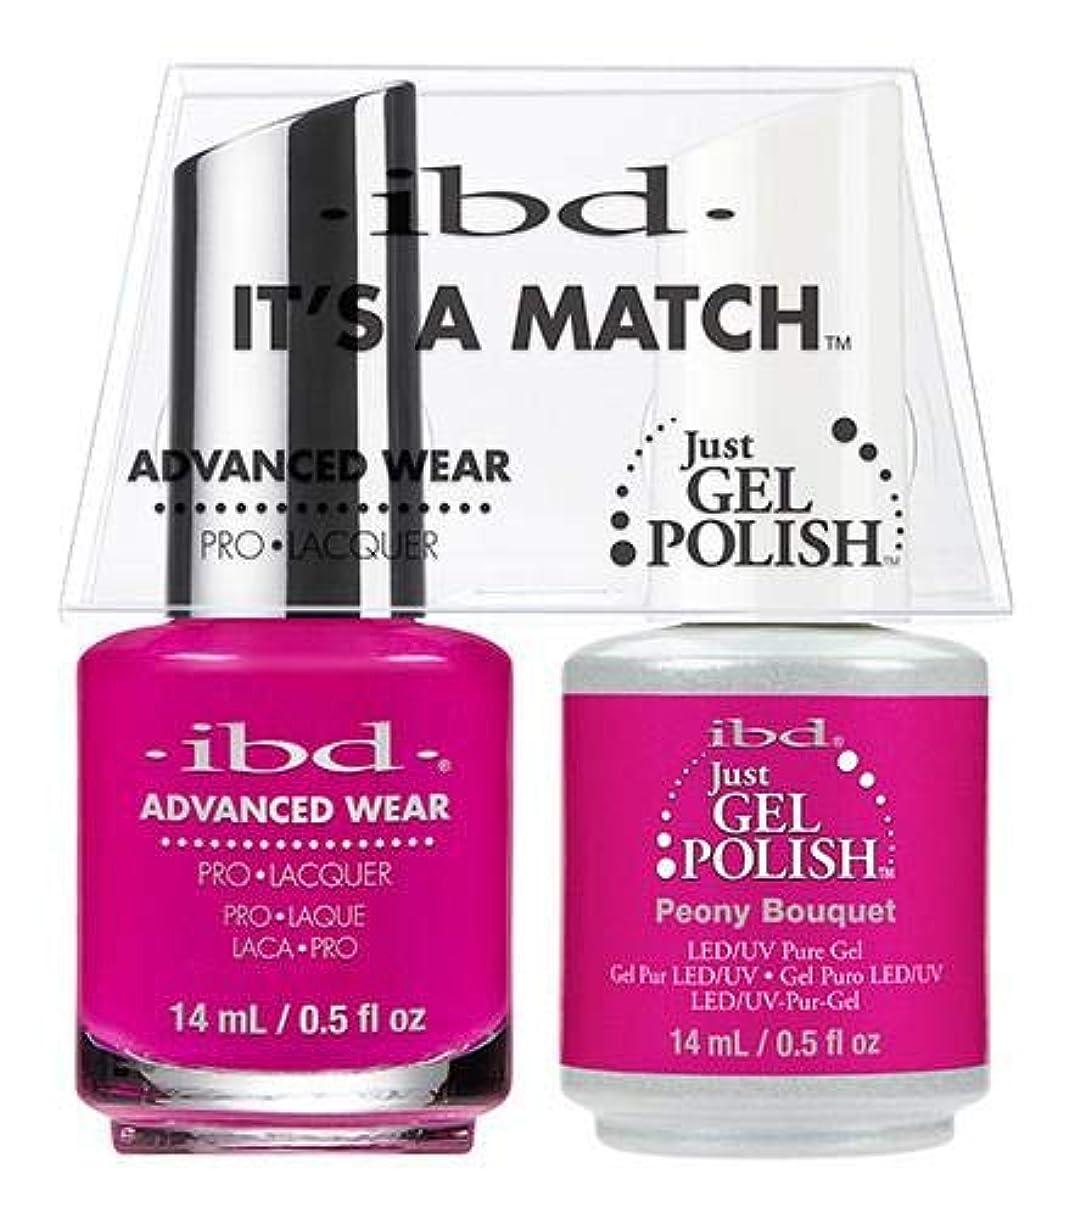 論争の的医薬品あらゆる種類のIBD Advanced Wear -